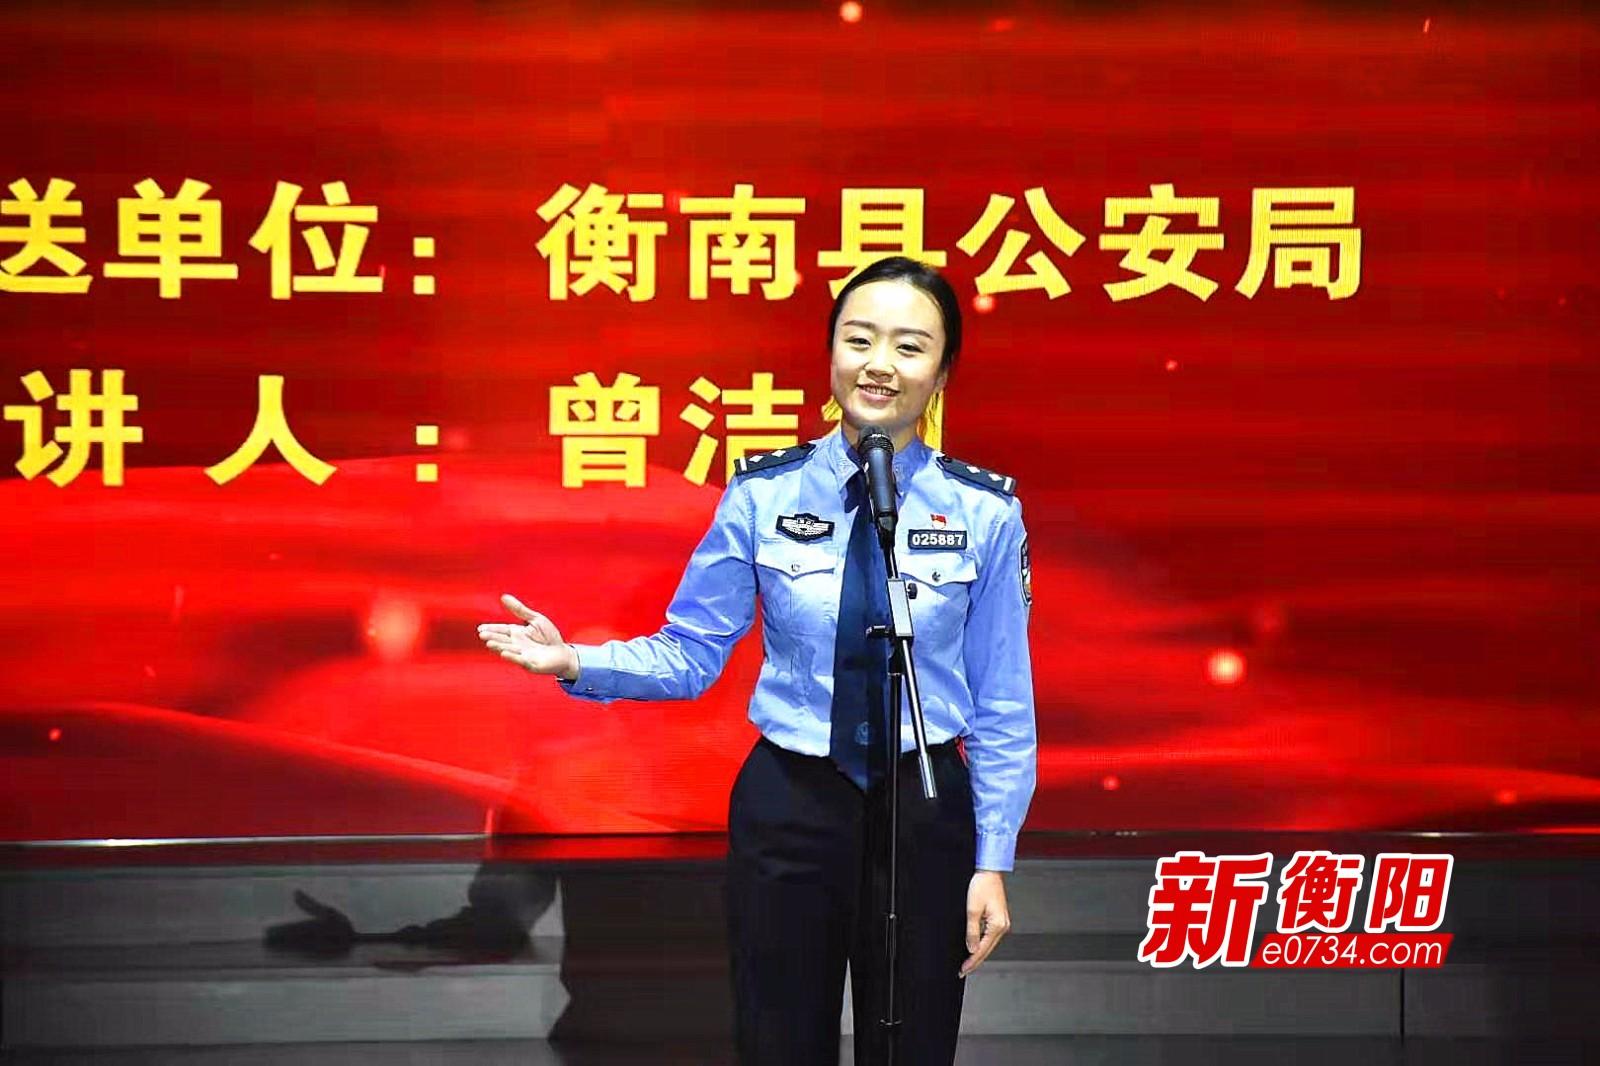 """衡南县""""我和祖国共同成长""""主题演讲比赛决赛落幕"""